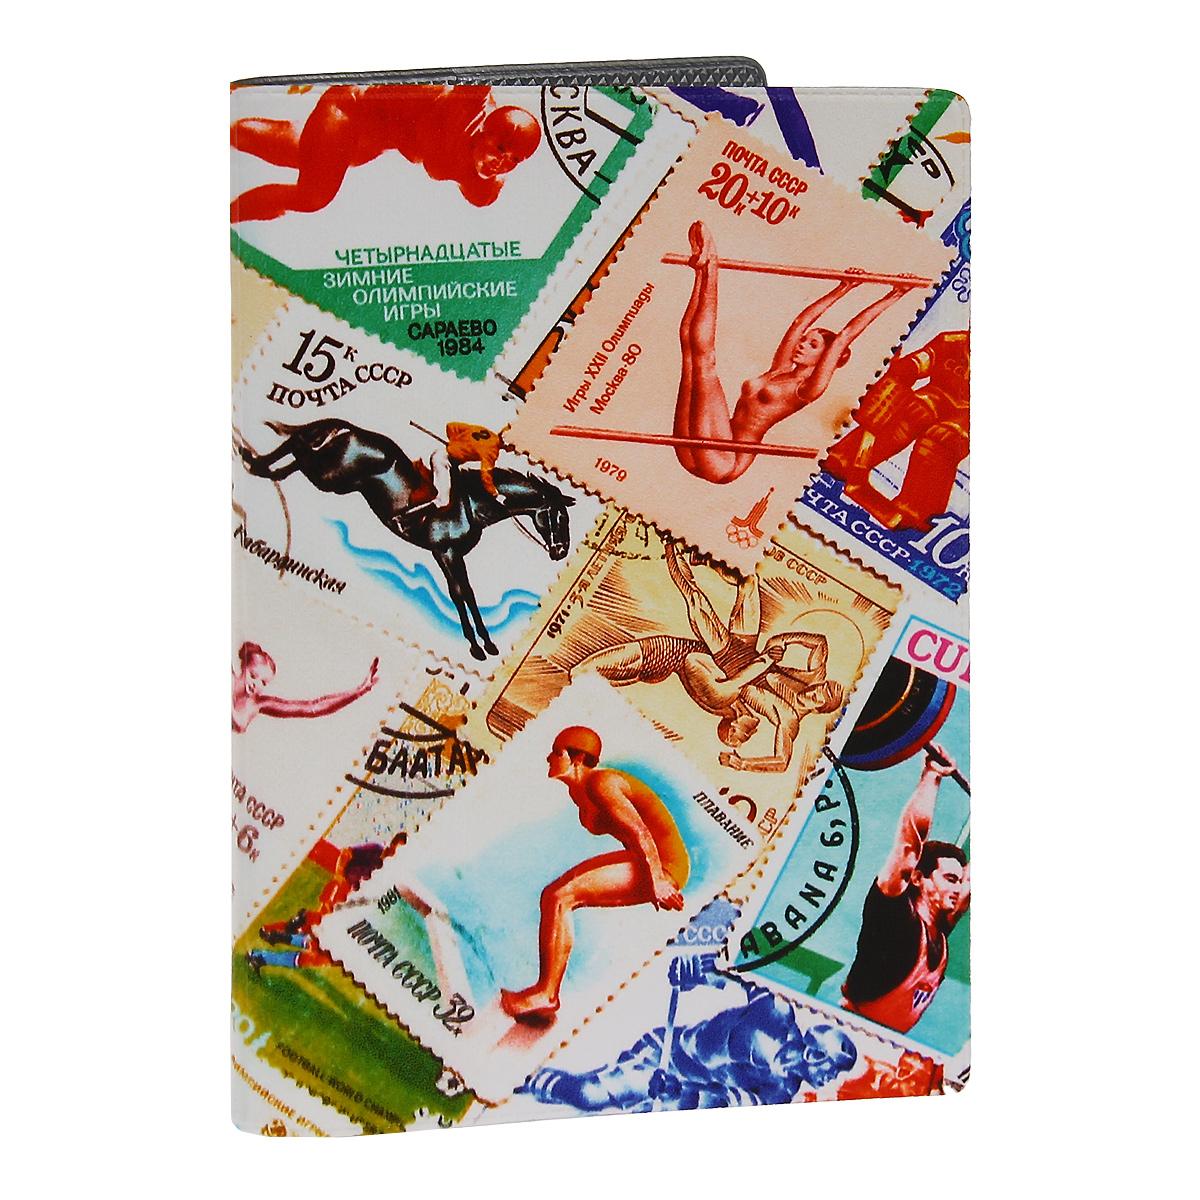 Обложка для автодокументов Спорт (марки) 2. AUTOZAM281AUTO305Обложка для автодокументов Mitya Veselkov Спорт. Марки - 2 изготовлена из прочного ПВХ и оформлена изображениями почтовых марок со спортивной тематикой. На внутреннем развороте имеются съемный блок из шести прозрачных файлов из мягкого пластика для водительских документов, один из которых формата А5, а также два боковых кармашка для визиток или банковских карт.Стильная обложка не только поможет сохранить внешний вид ваших документов и защитит их от грязи и пыли, но и станет аксессуаром, который подчеркнет вашу яркую индивидуальность.